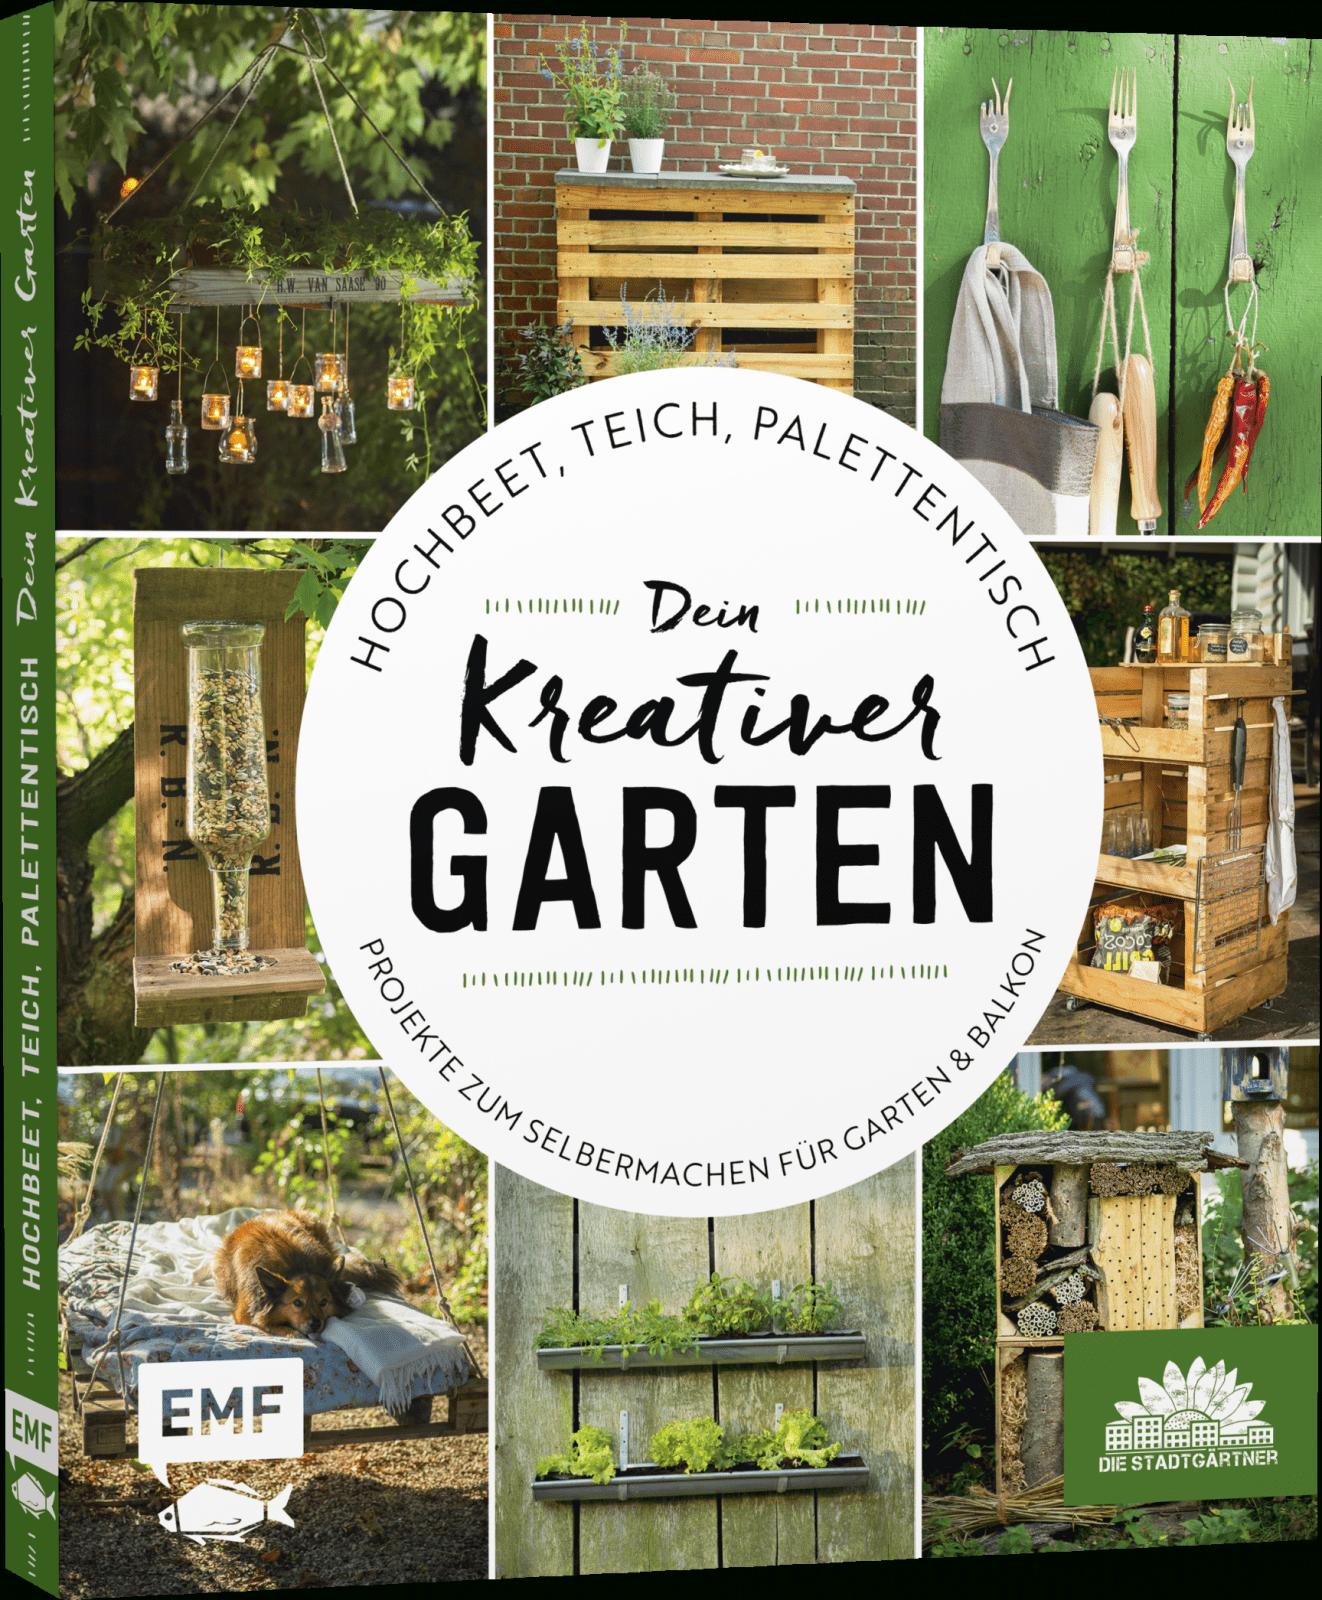 Hochbeet Teich Palettentisch – Dein Kreativer Garten – Emf Verlag von Kreative Gartengestaltung Selber Machen Photo